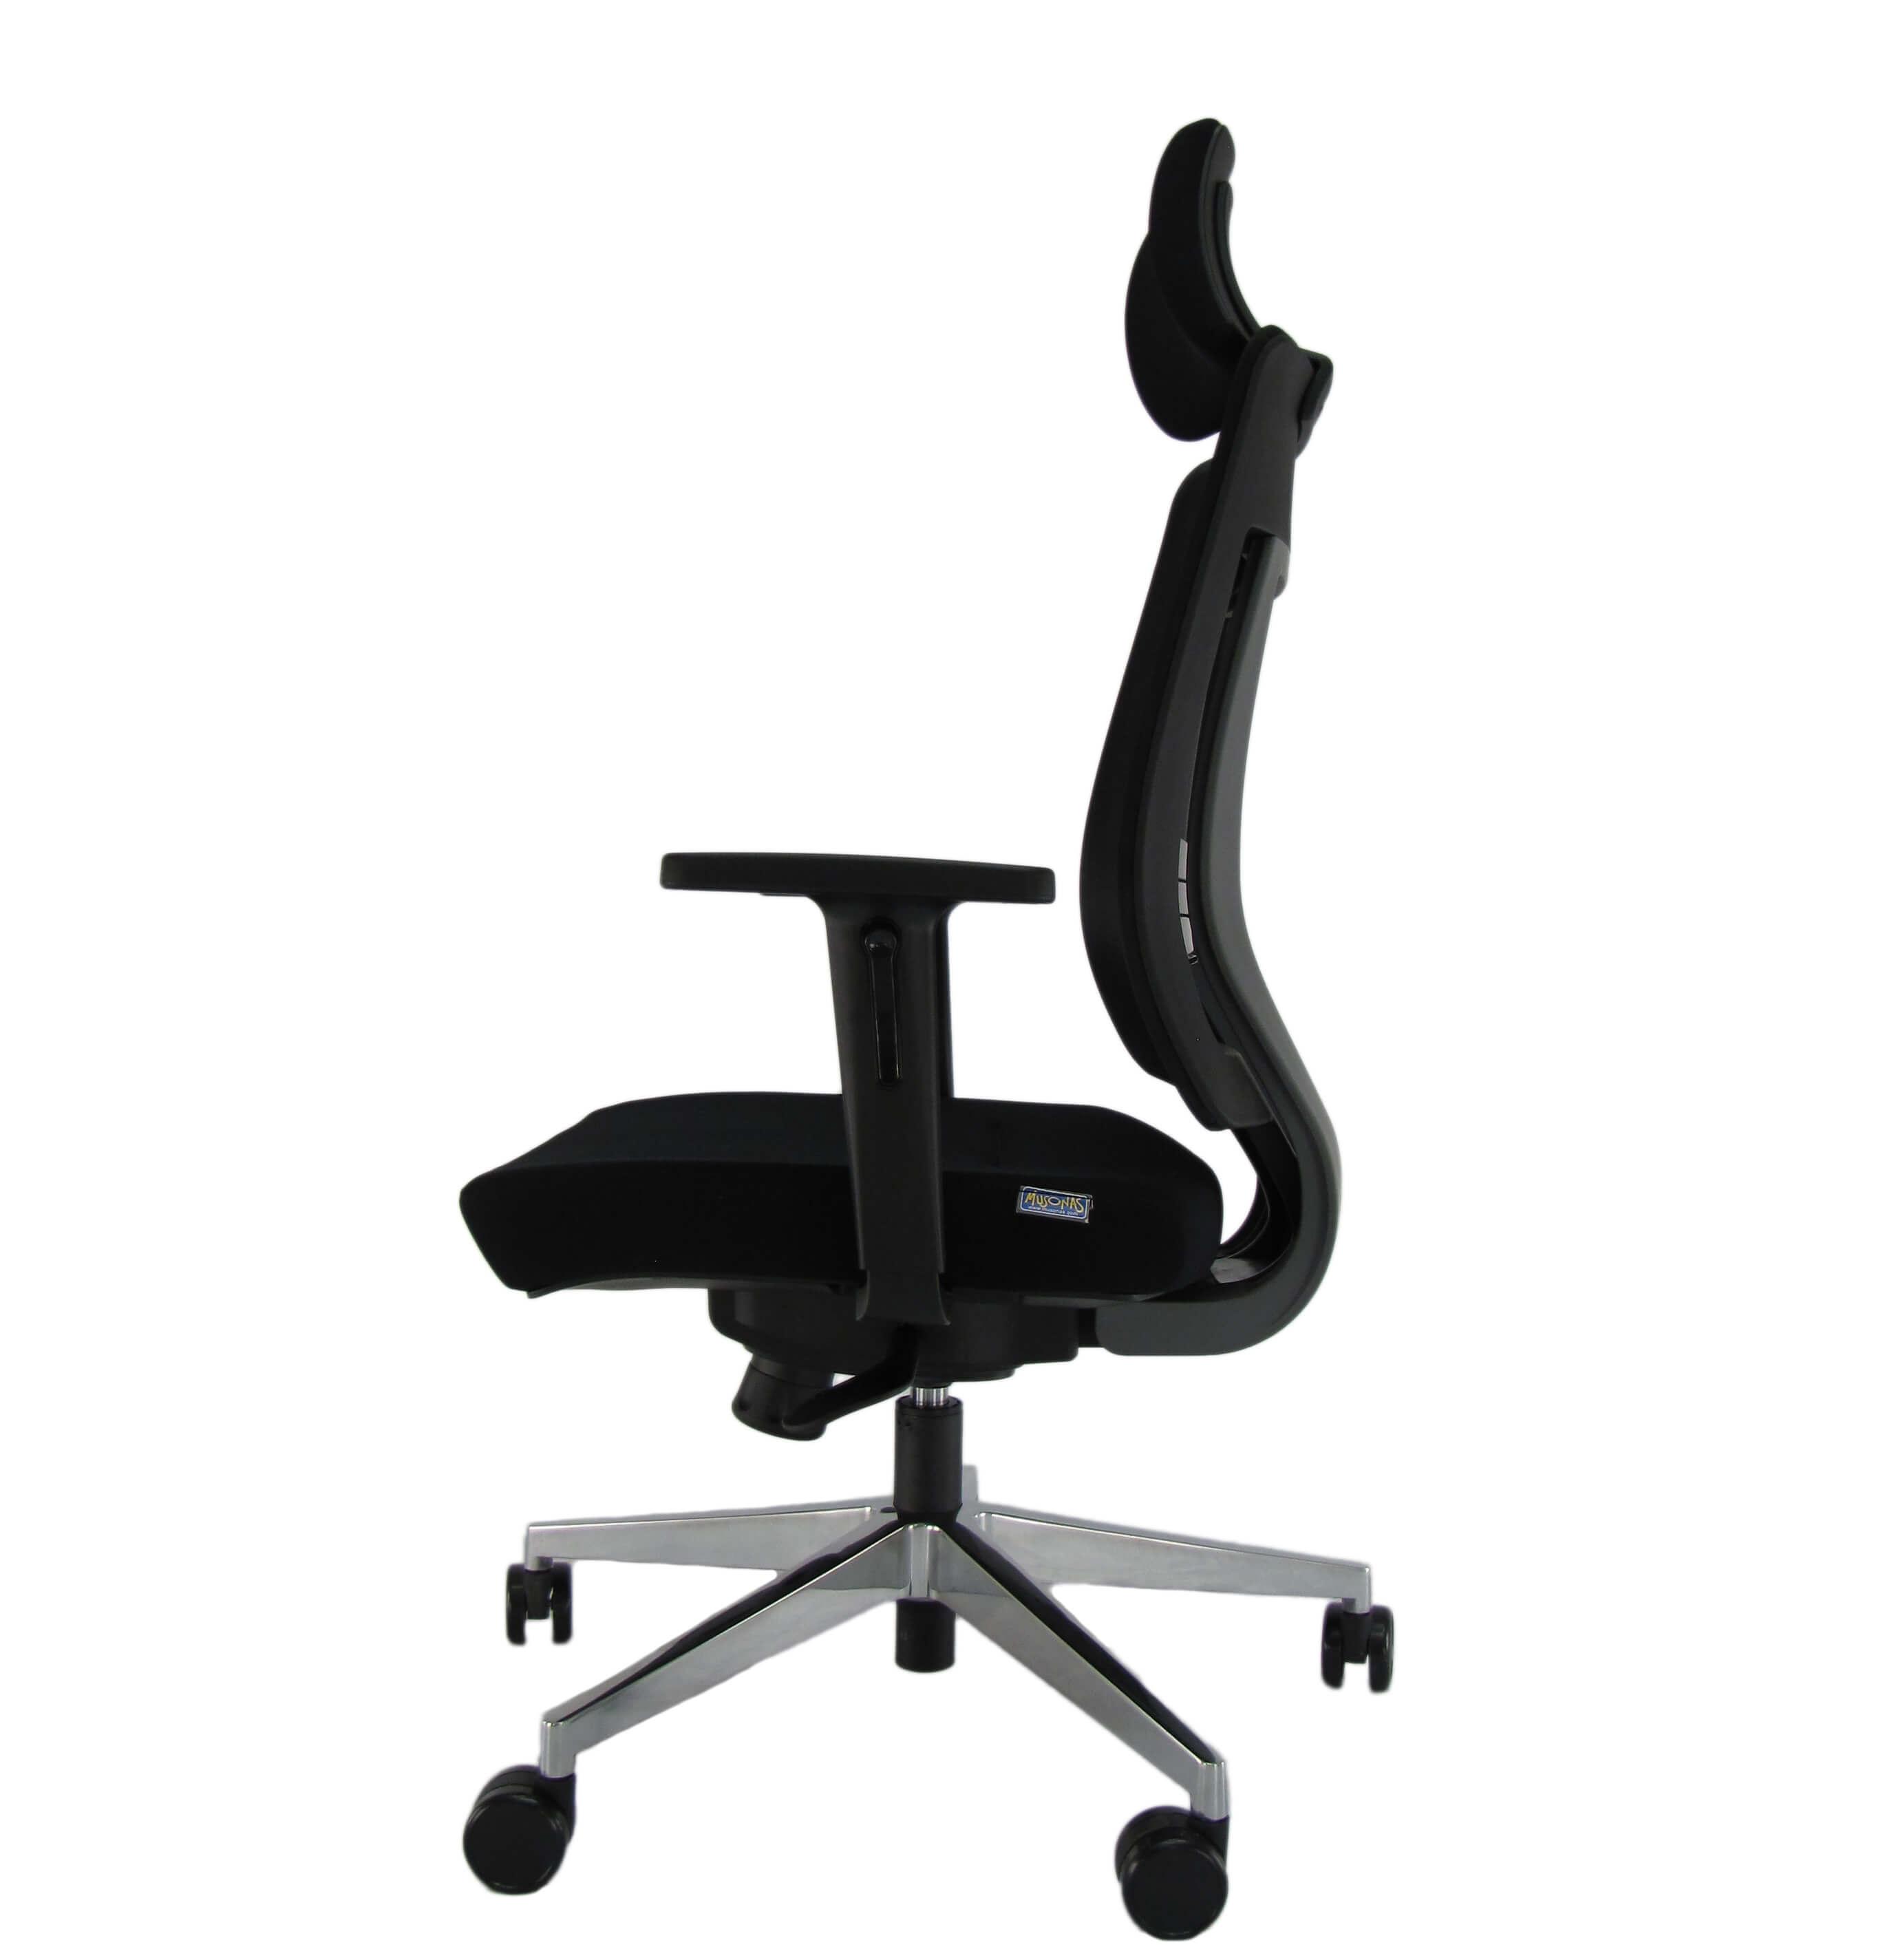 Ergonominė kėdė Waxholm HRU su tvirto tinkliuko atlošu, kokybišku audiniu aptraukta sėdyne.